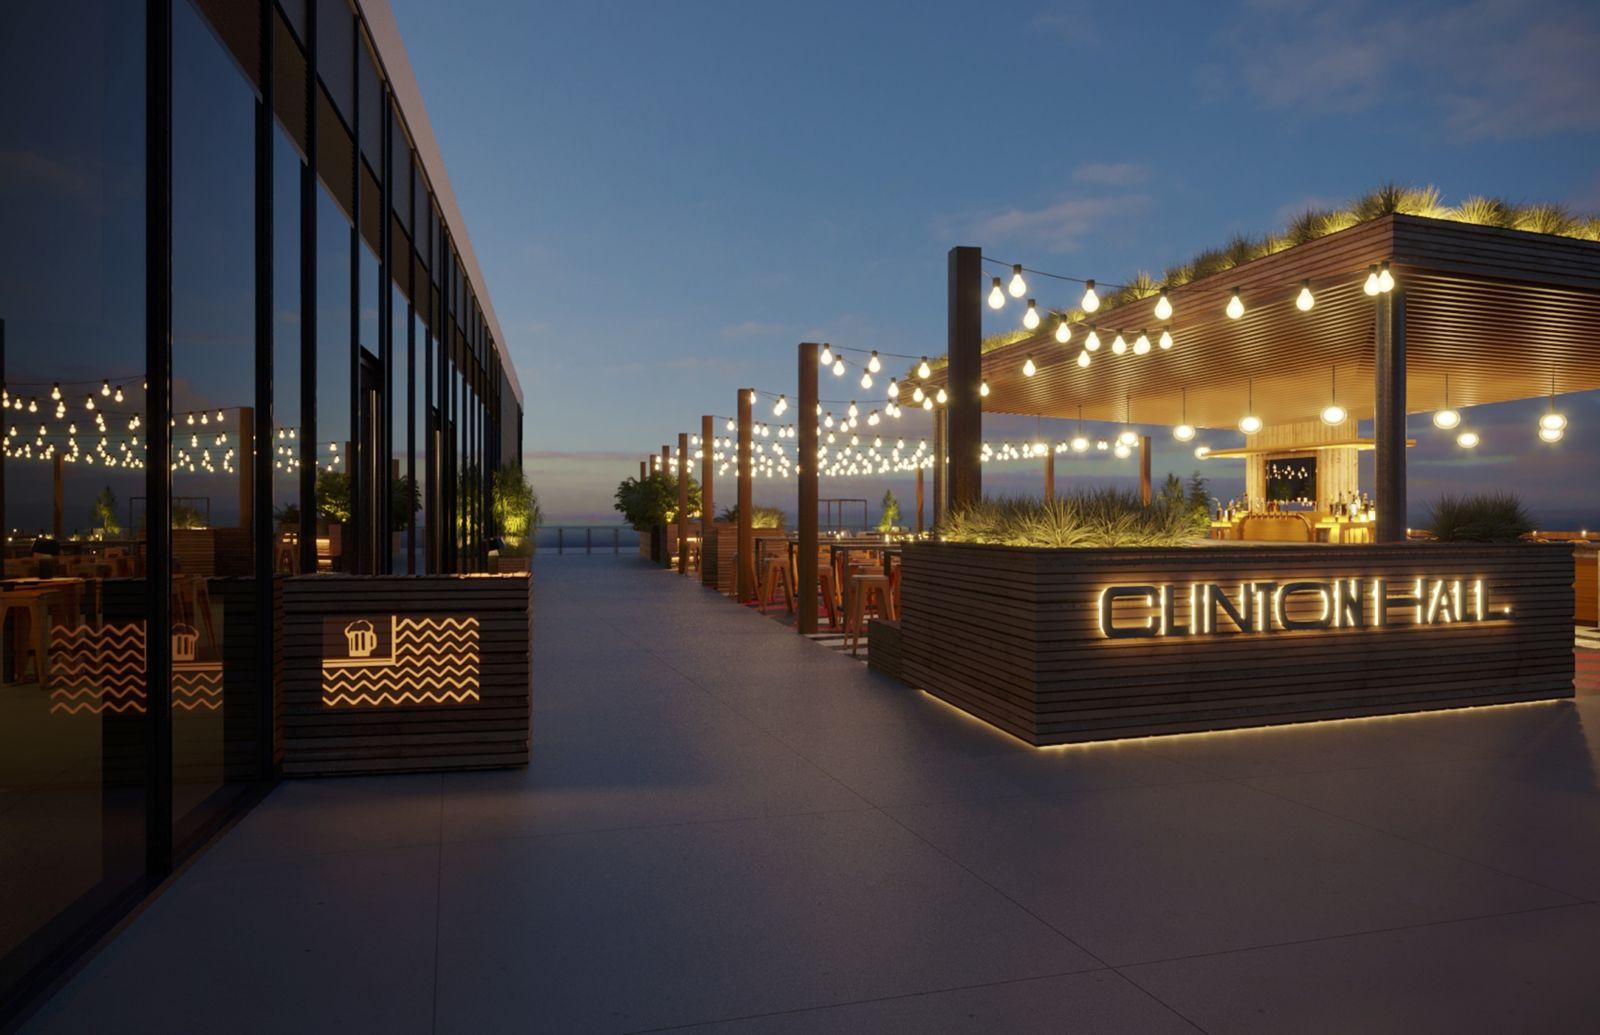 Empire Outlets élargit son portefeuille de produits alimentaires et de boissons avec l'ouverture du jardin de bière Clinton Hall cet été 2020